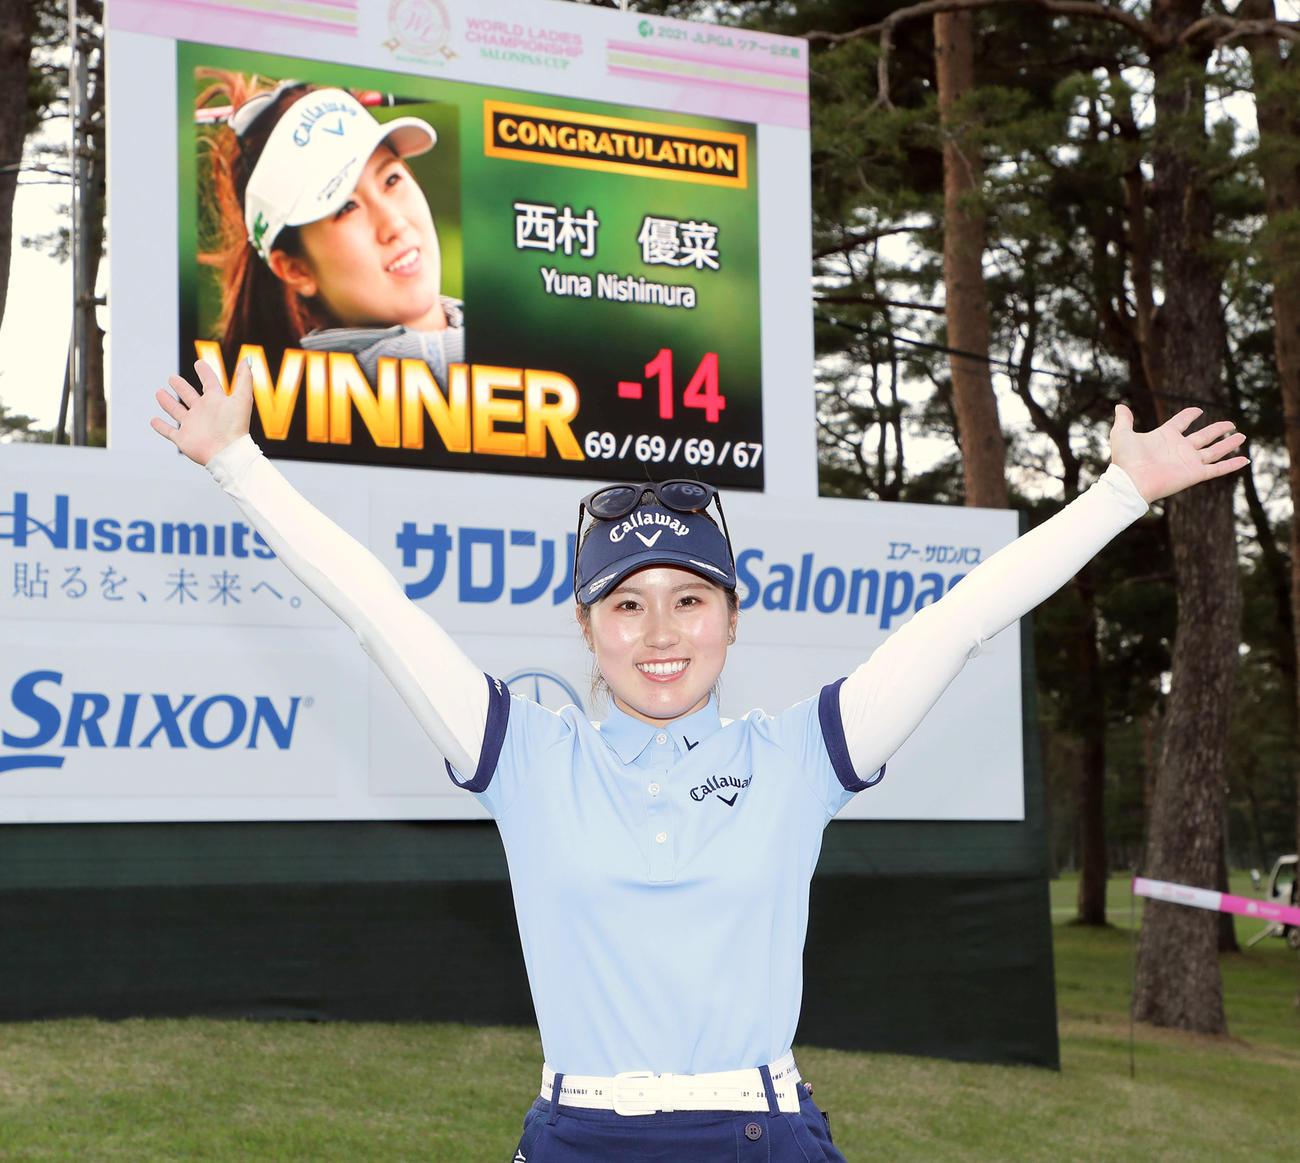 初の国内メジャー制覇を果たし、フォトセッションで万歳する西村(撮影・河田真司)